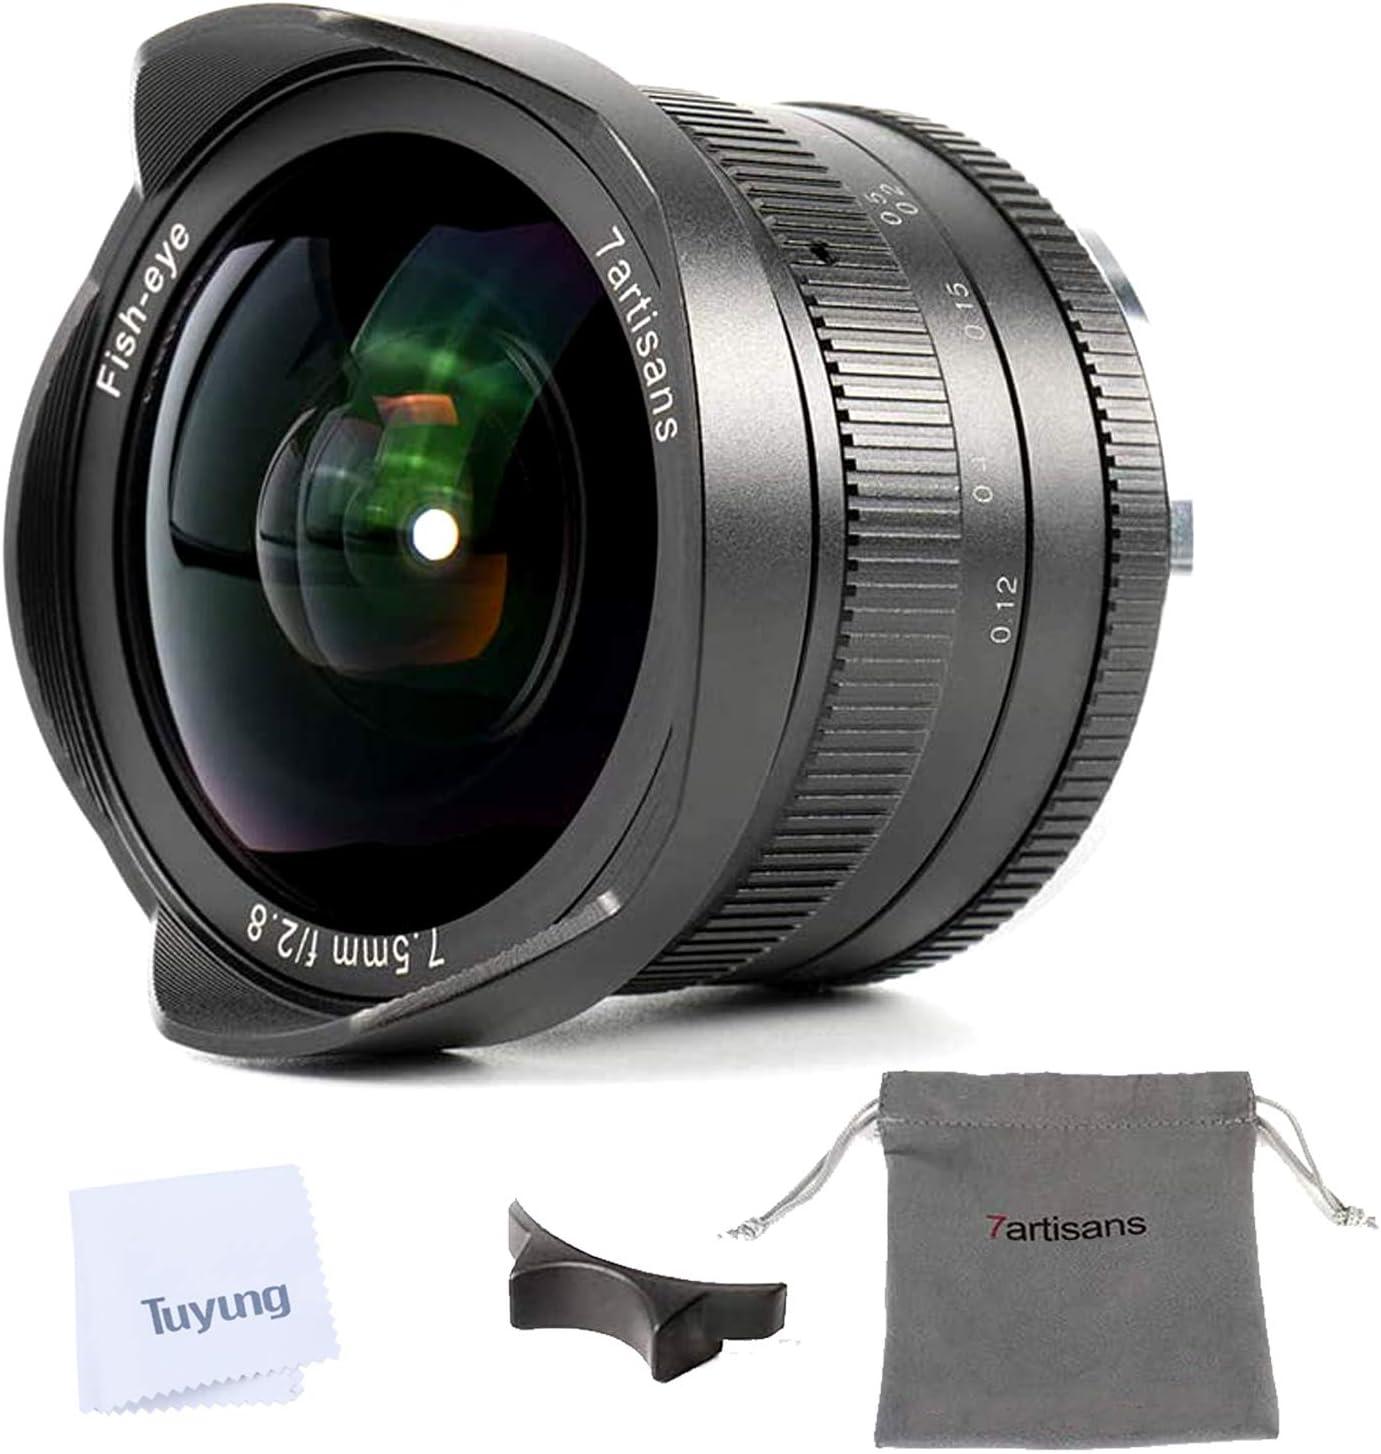 7artisans 7 5mm F2 8 Ii Aps C Fisheye Objektiv Mit 190 Kamera